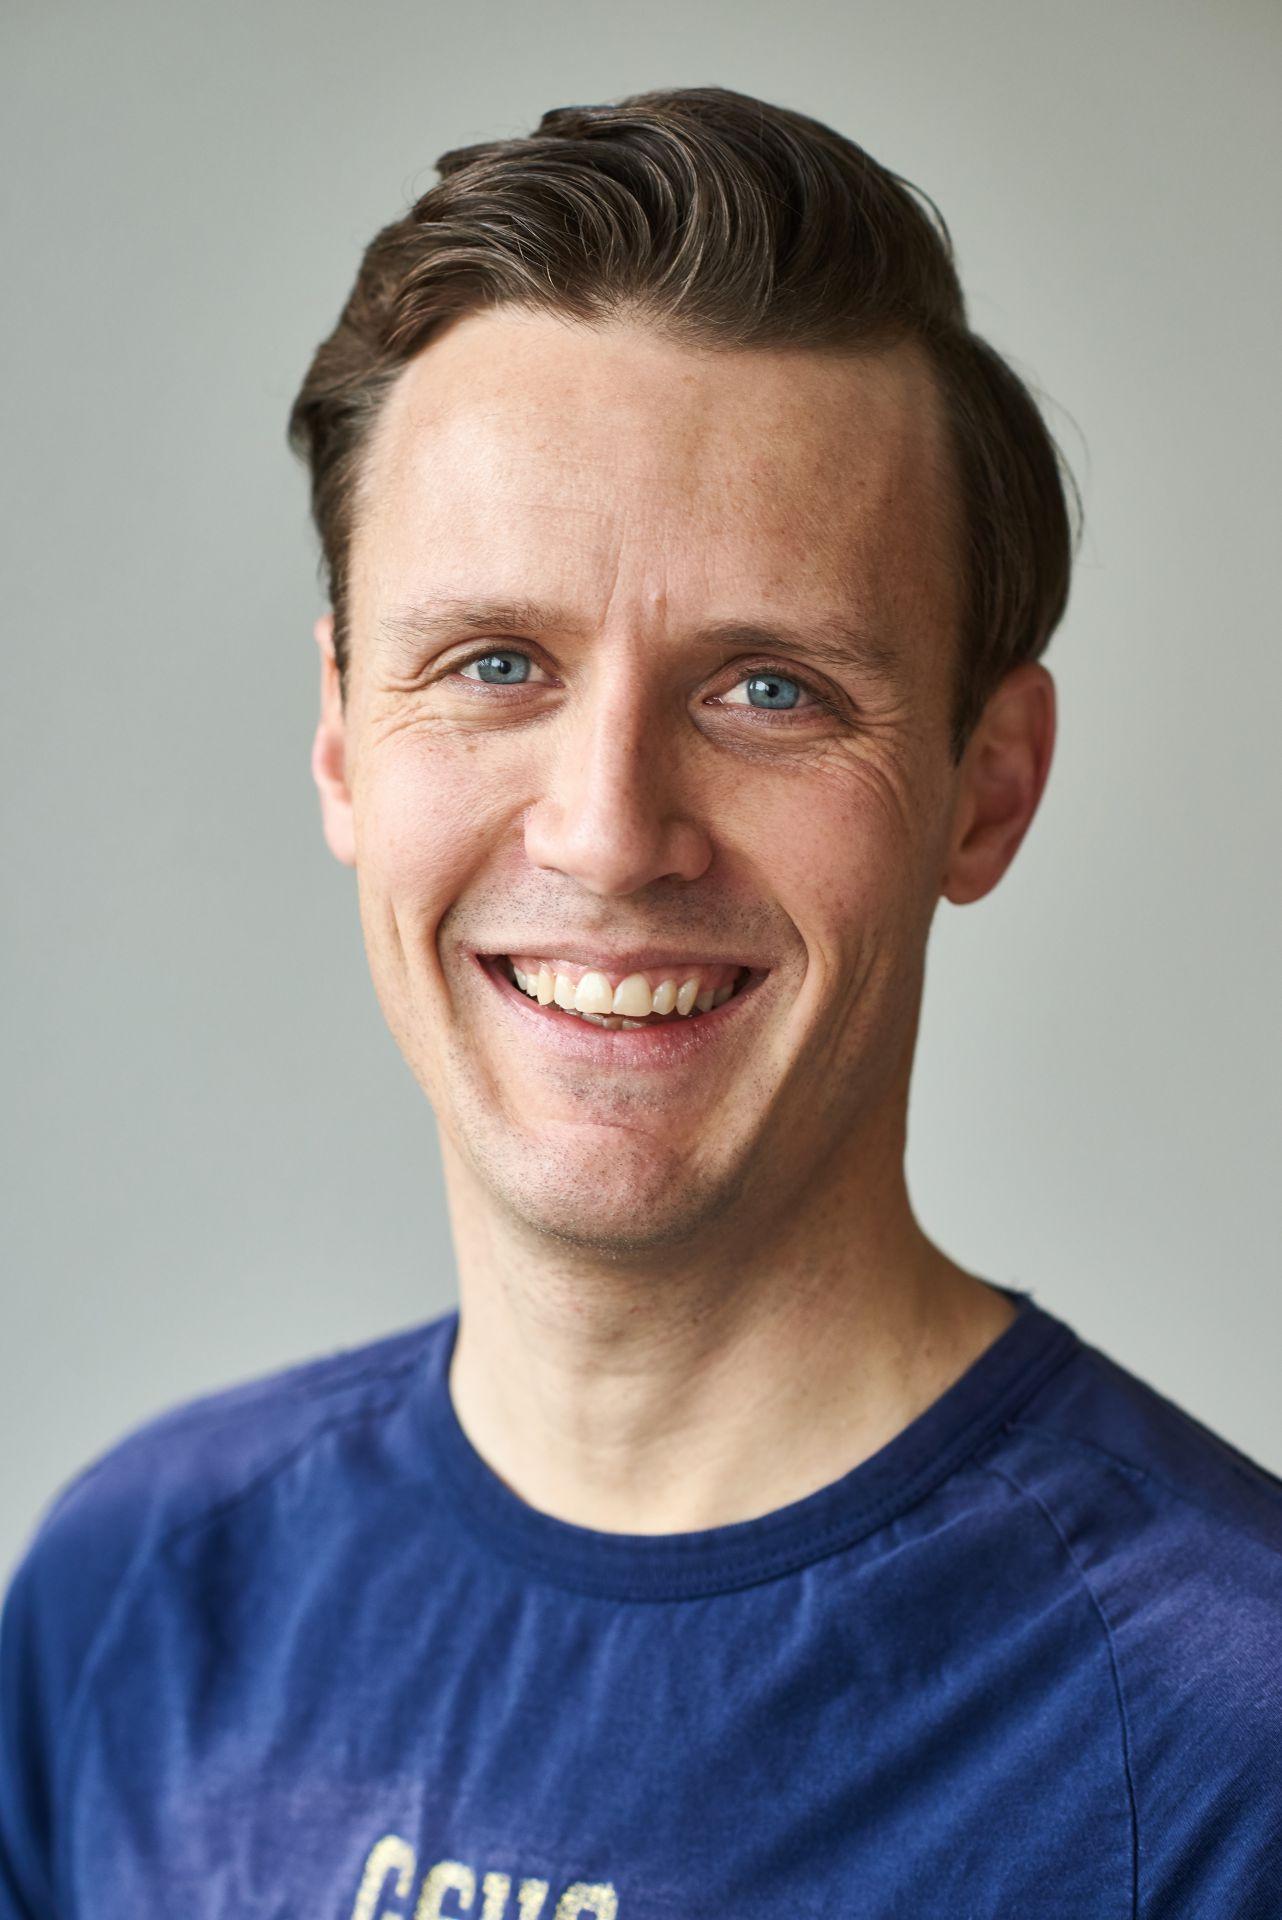 Daniël Nelck, KernKracht gezondheidspraktijk